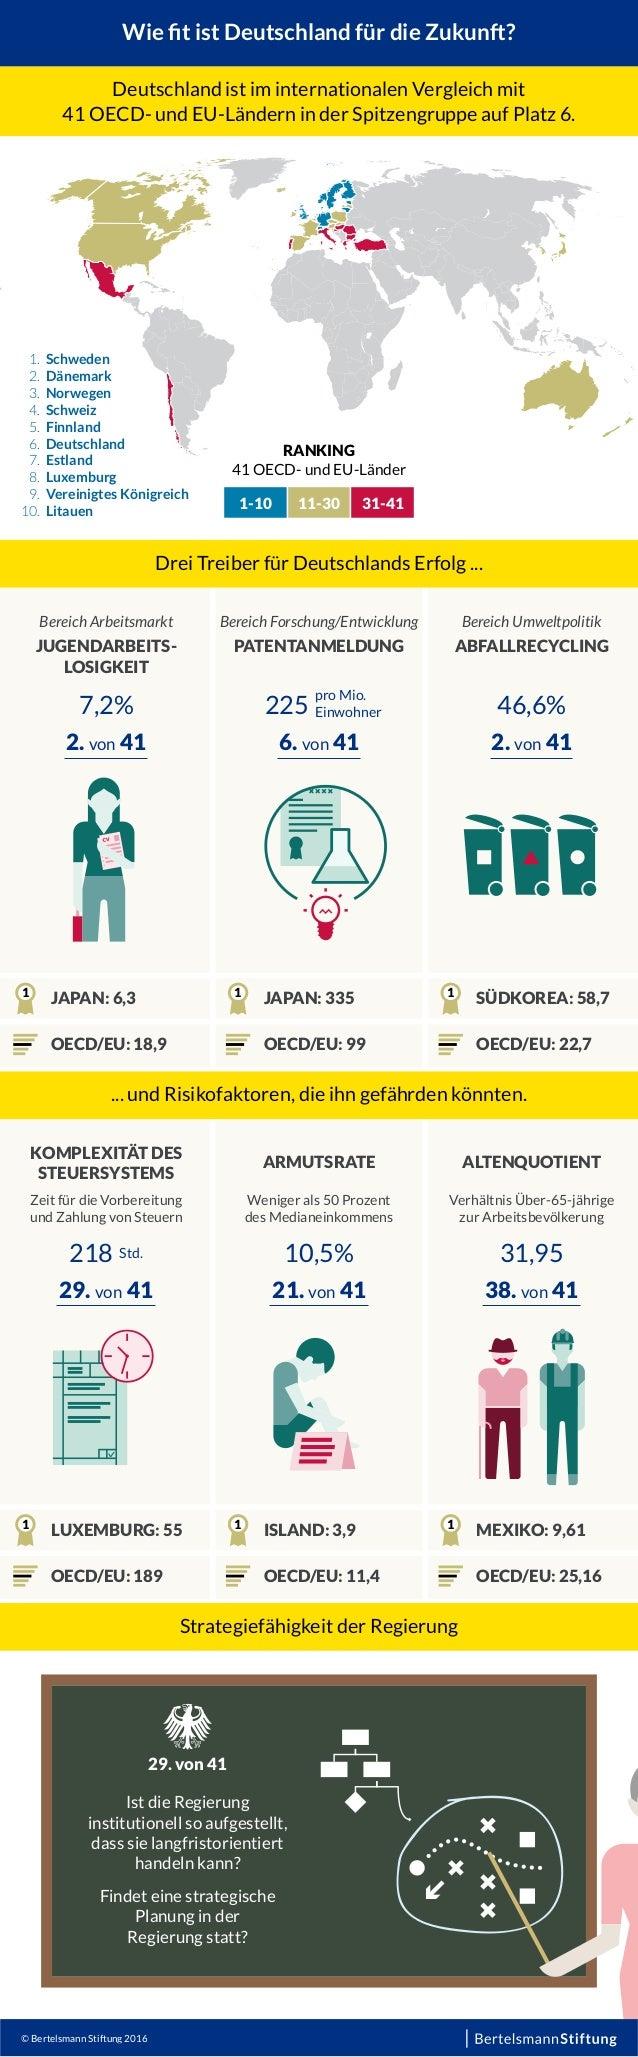 Wie fit ist Deutschland für die Zukunft? Deutschland ist im internationalen Vergleich mit 41 OECD- und EU-Ländern in der Sp...